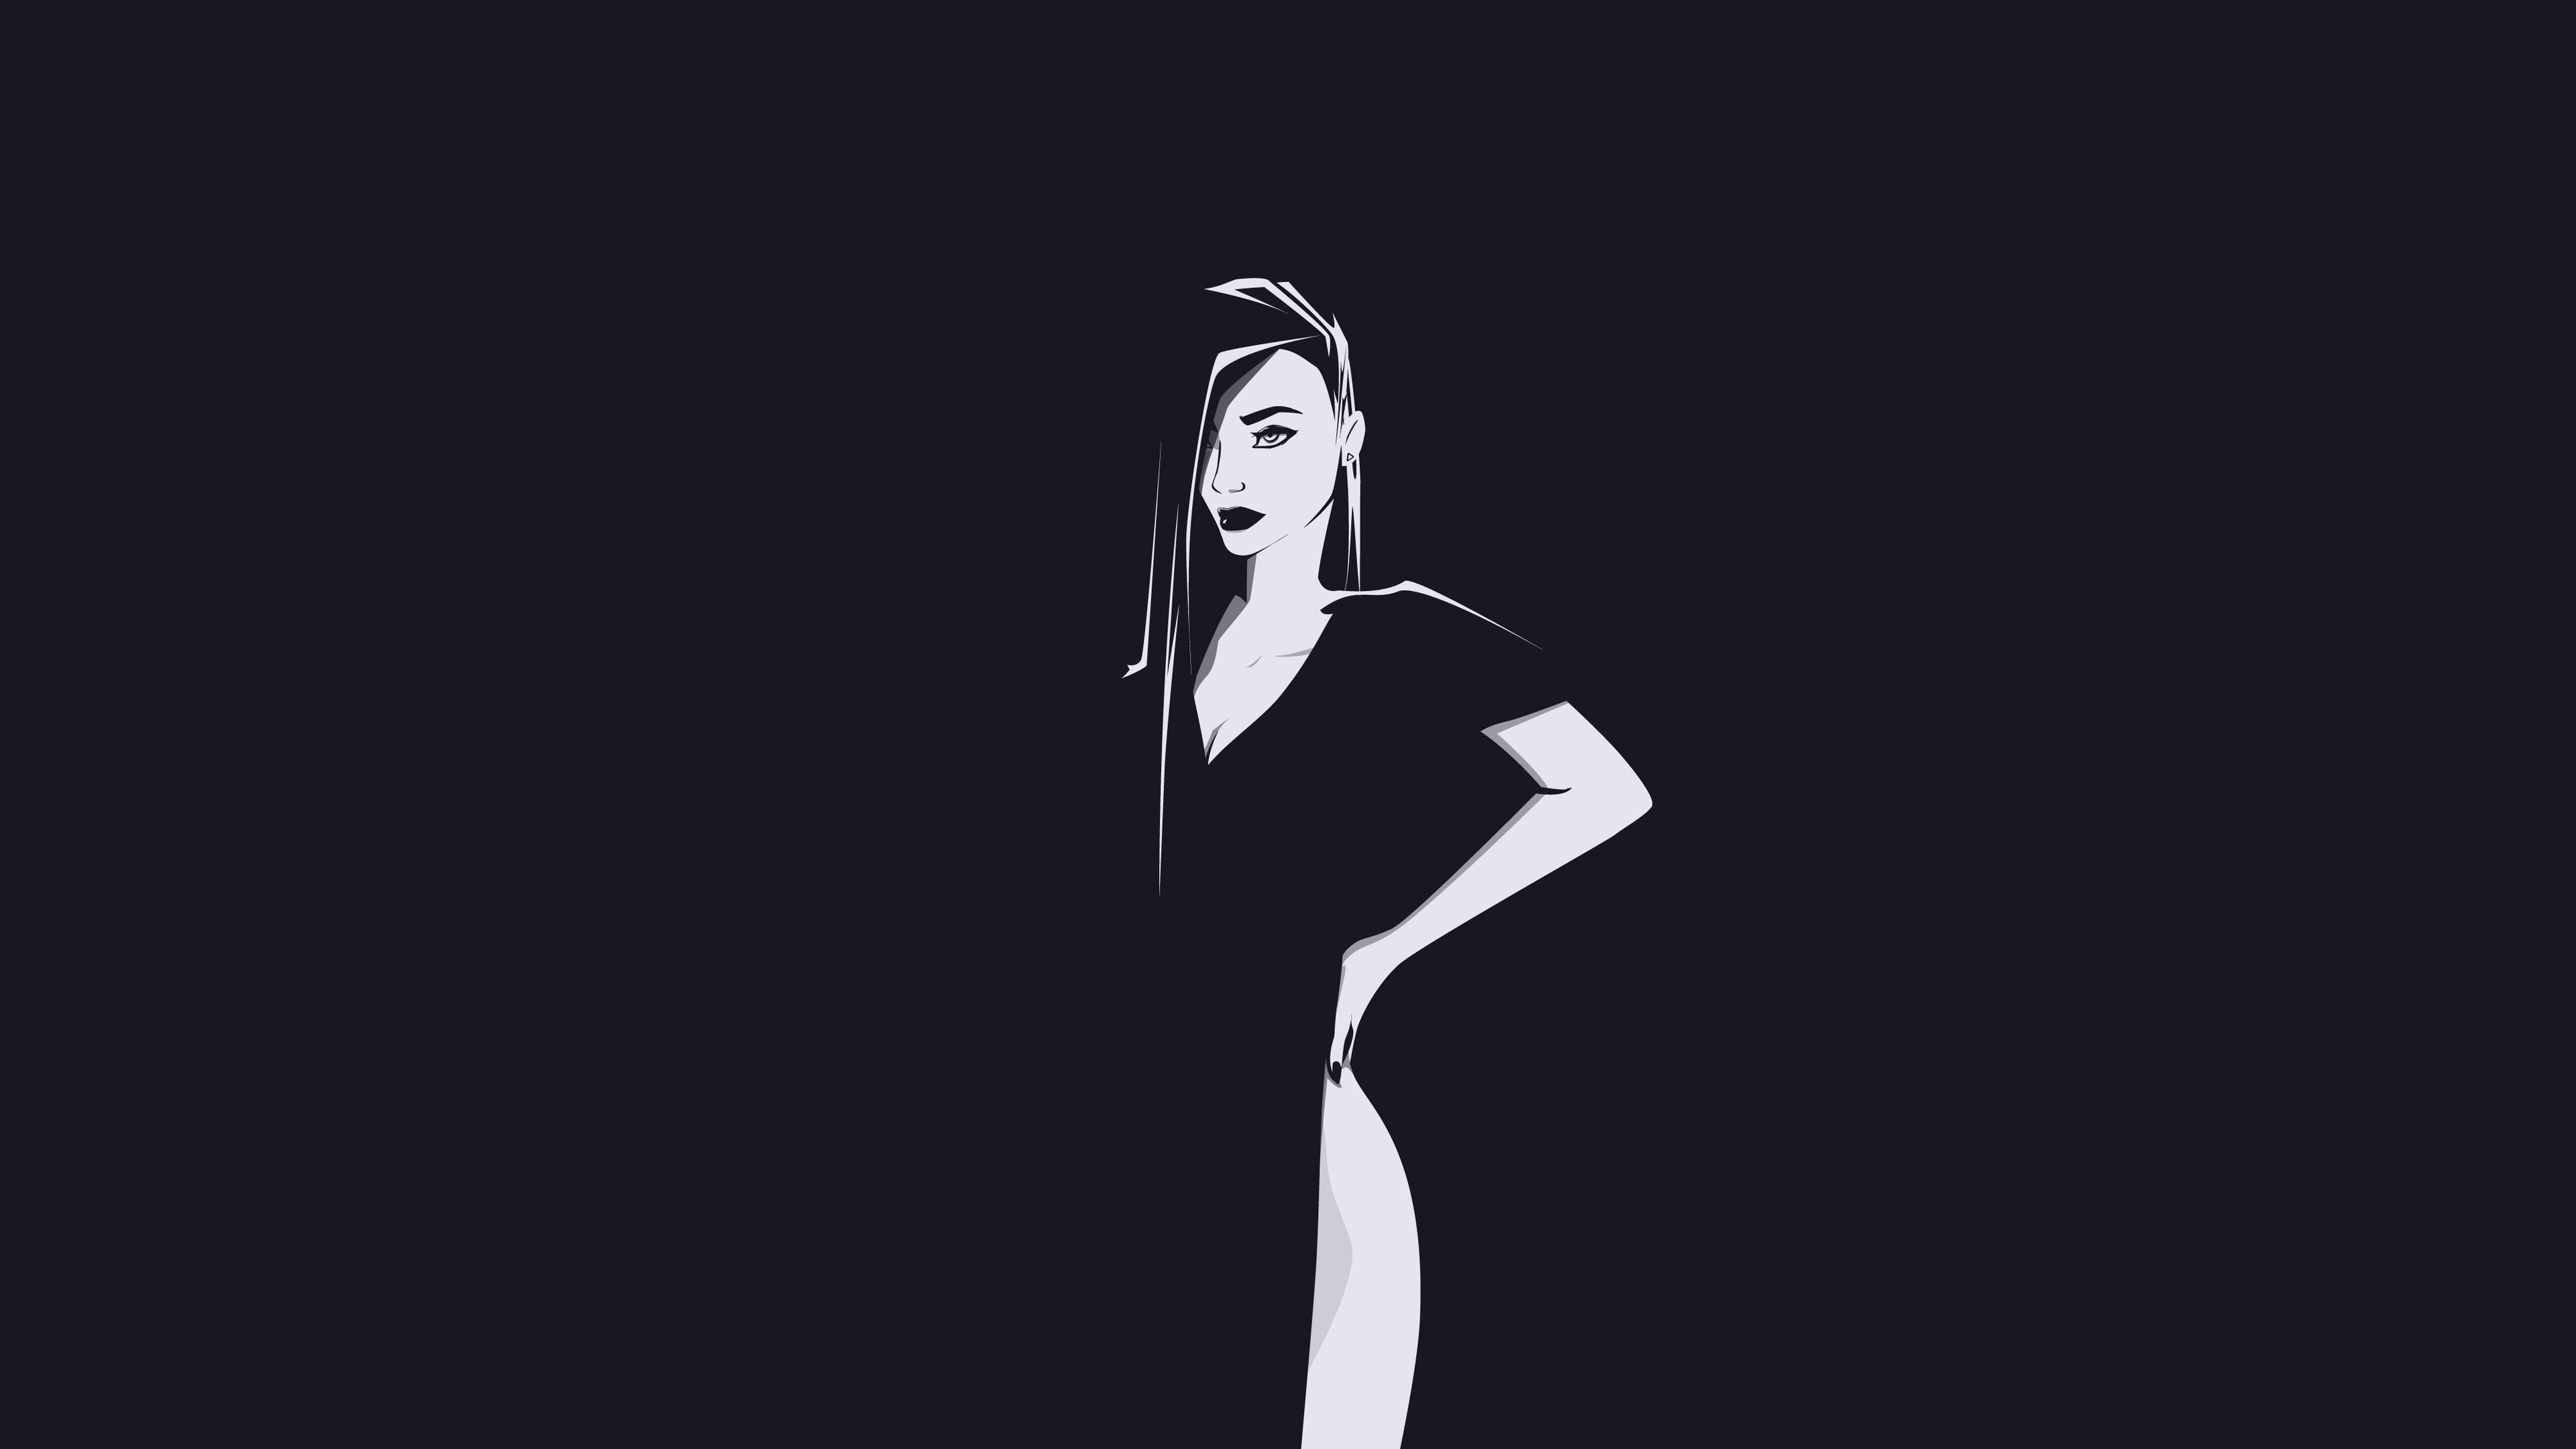 Minimal, urban woman, art, 3840x2160 wallpaper